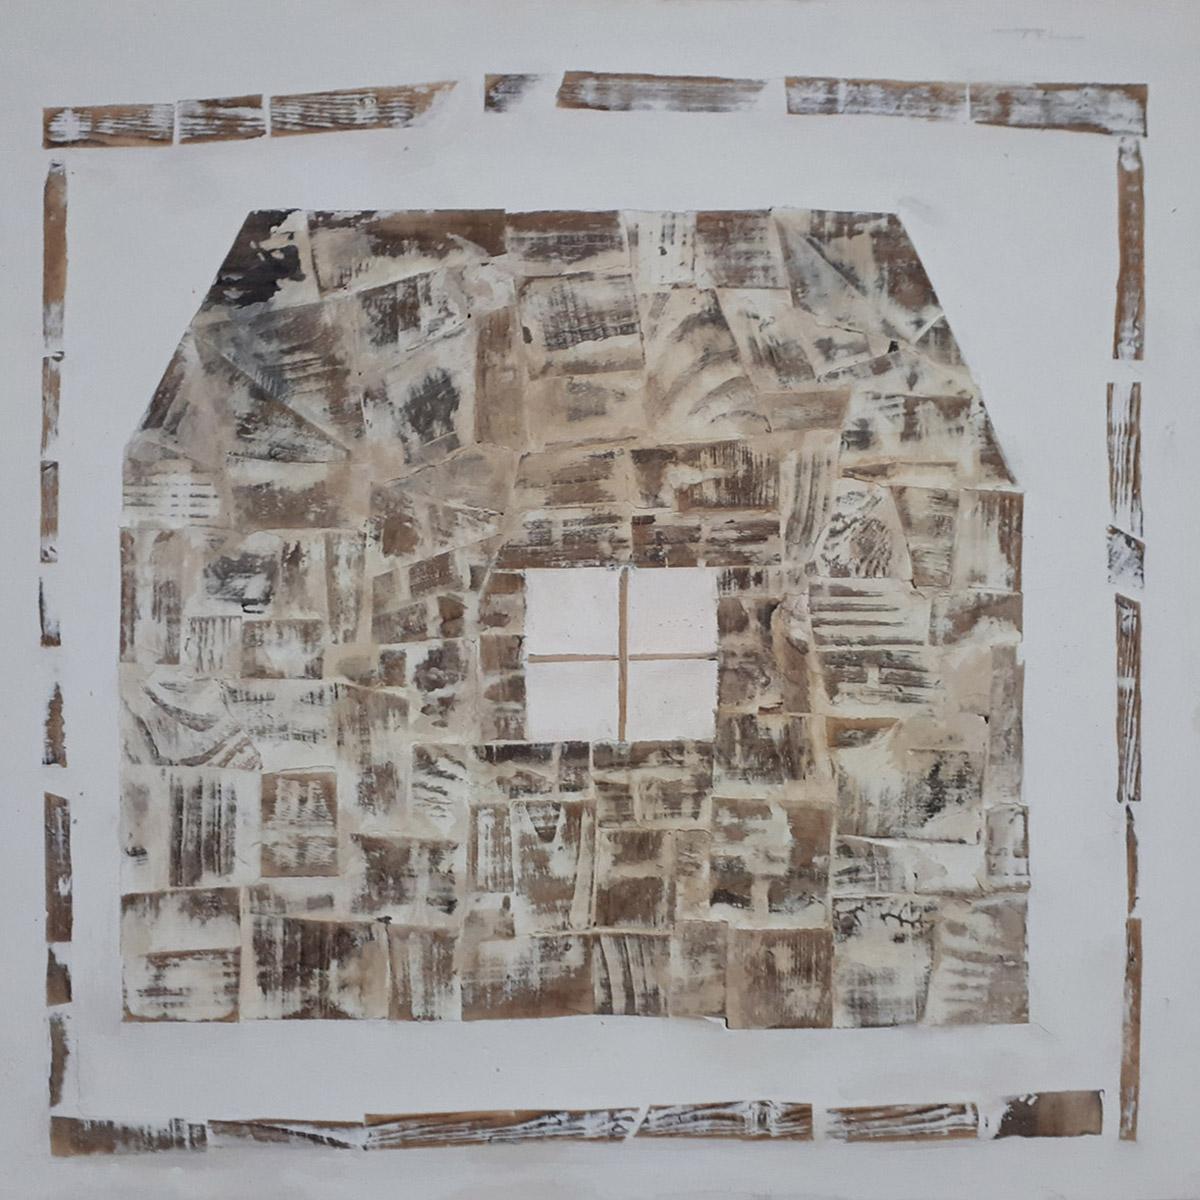 보금자리2︱60.0x600cm, Oil on canvas︱2019